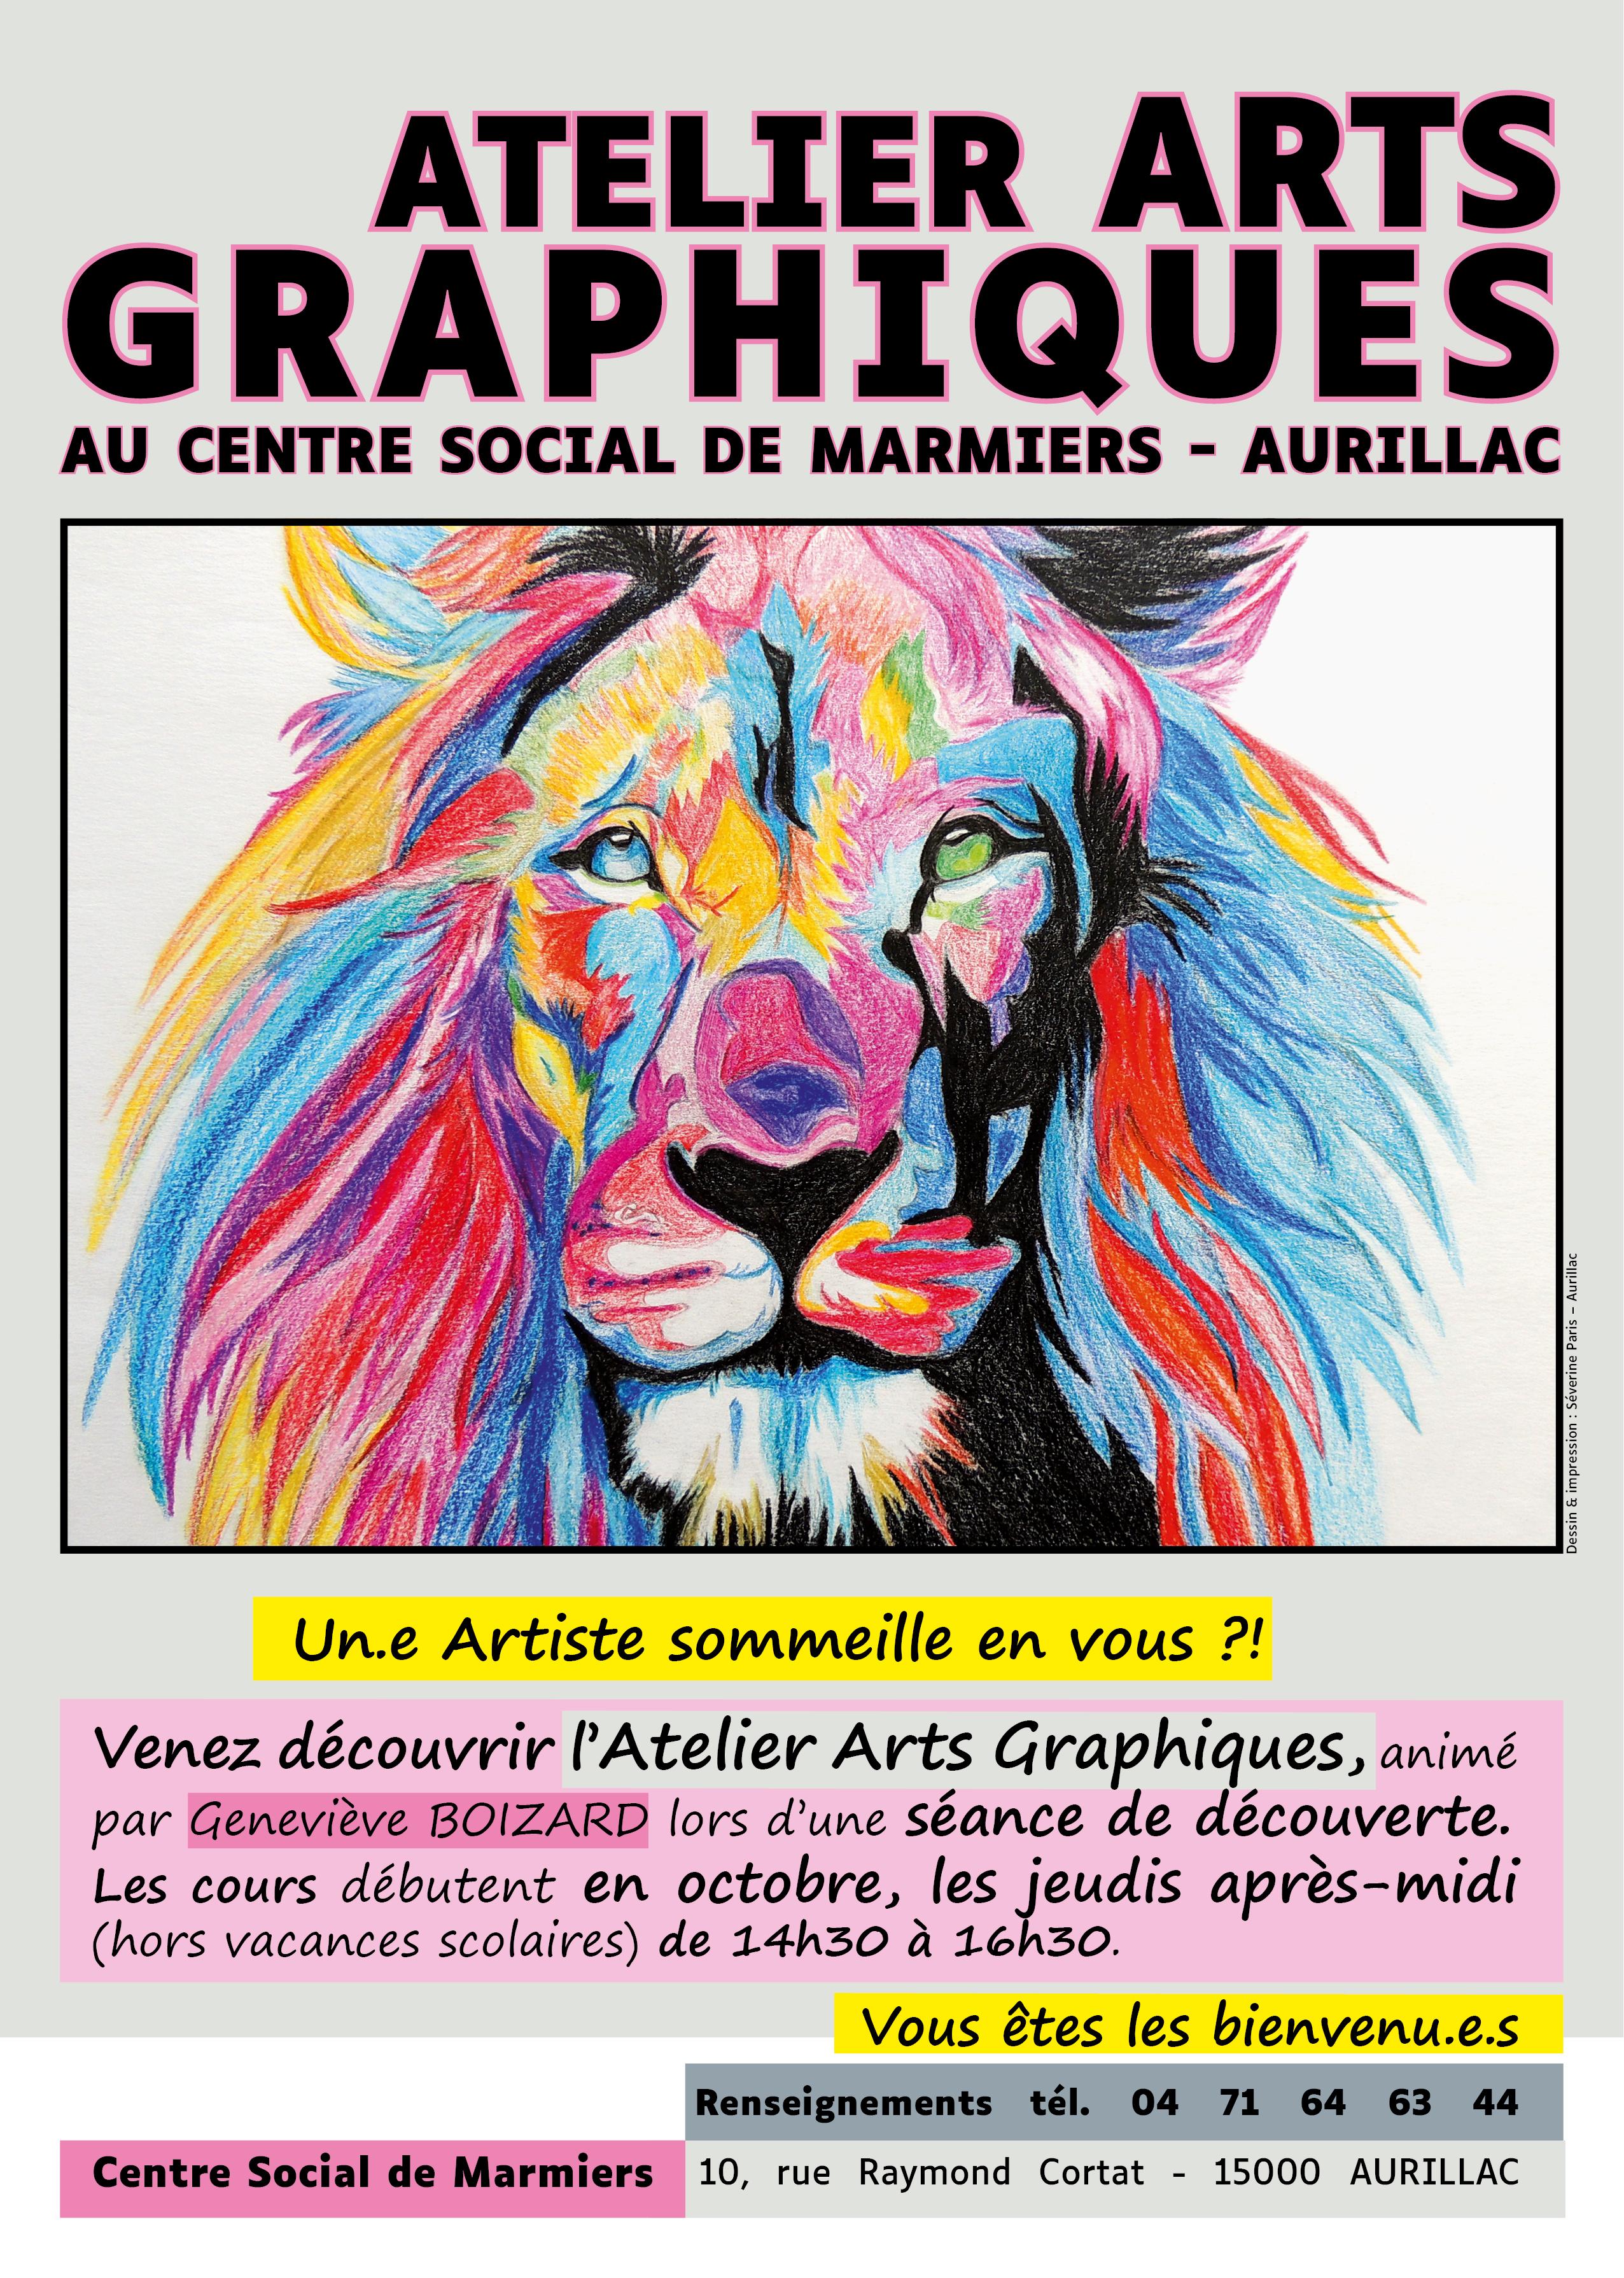 Affiche pour l'Atelier Arts graphiques au CSM - Aurillac